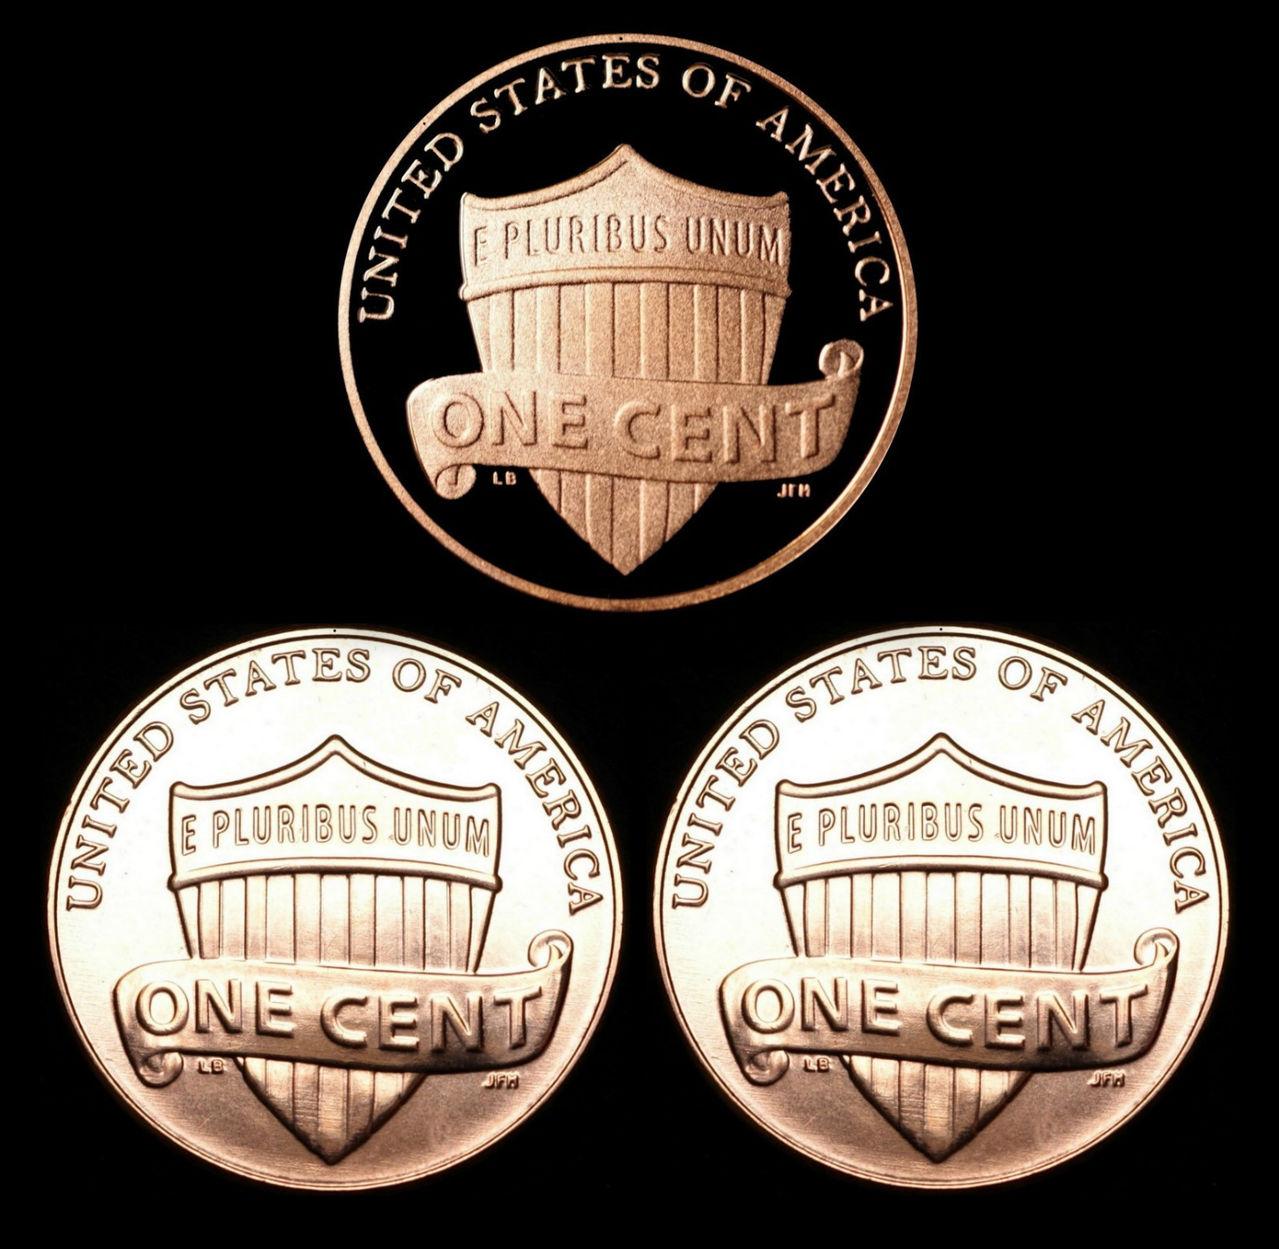 Coleccion Centavos Lincoln 1909-2016 KGr_Hq_RHJEs_FEP1_QVNTNBRKG6len_Ow_60_57